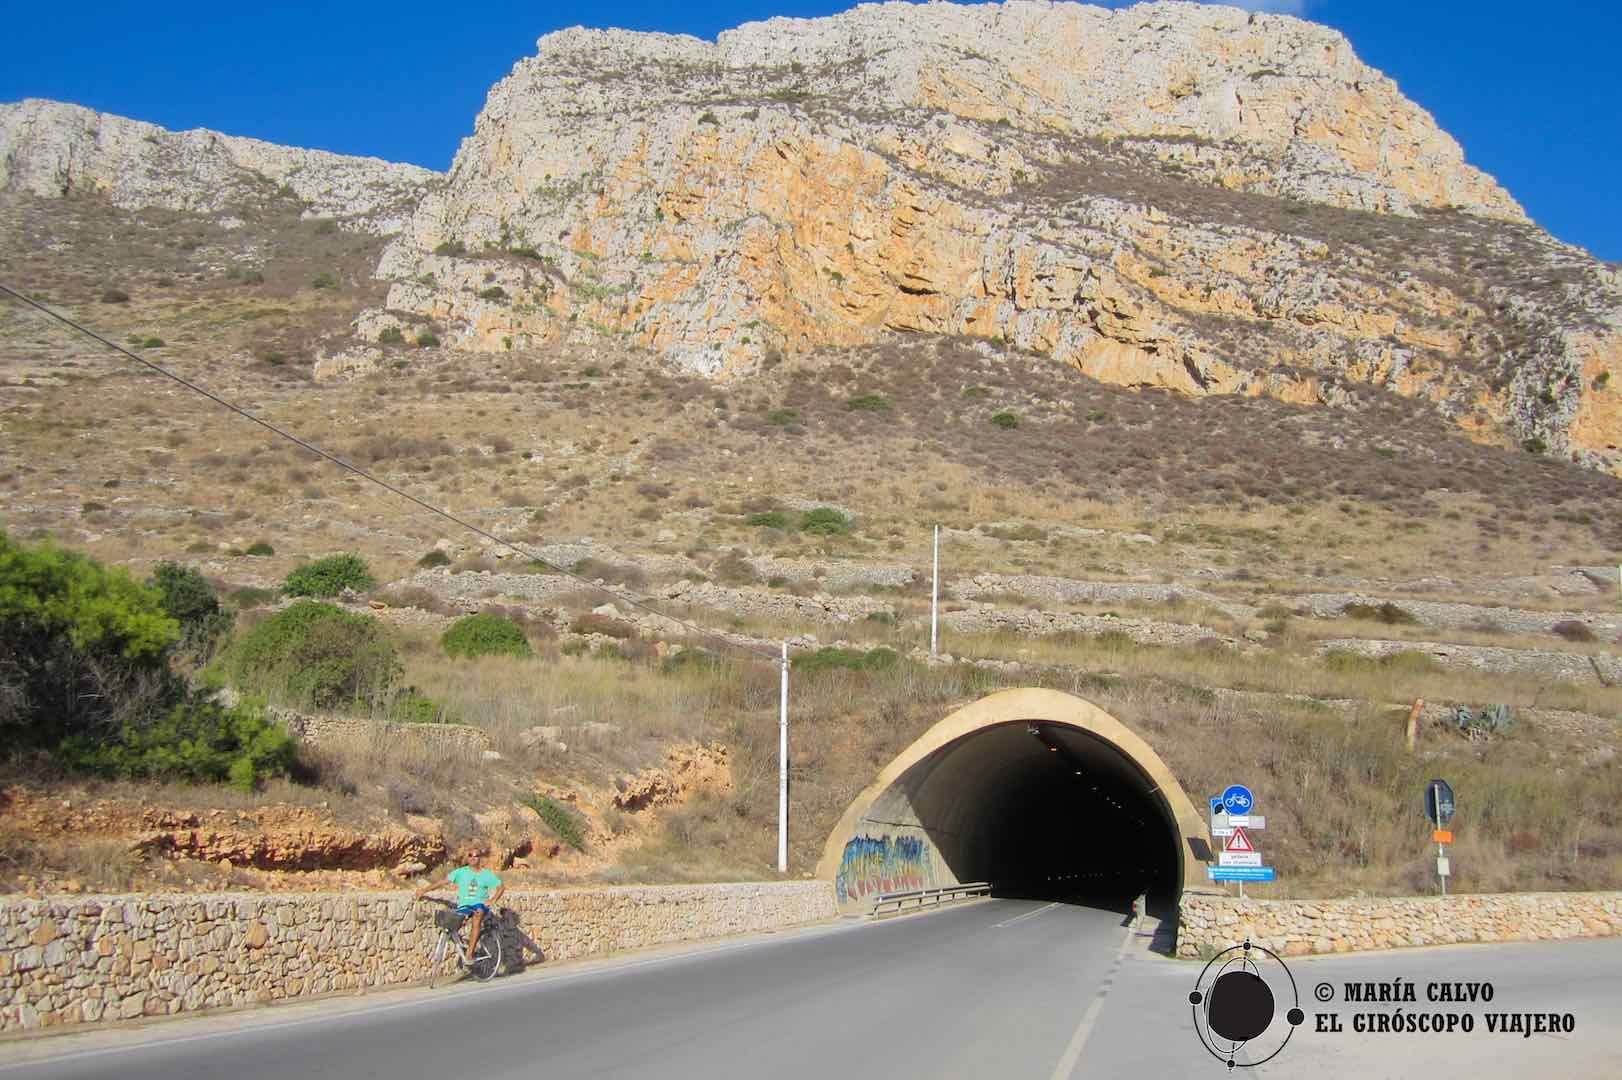 El túnel que nos lleva al lado oeste de Favignana. En la cima está la Fortaleza de Santa Catarina